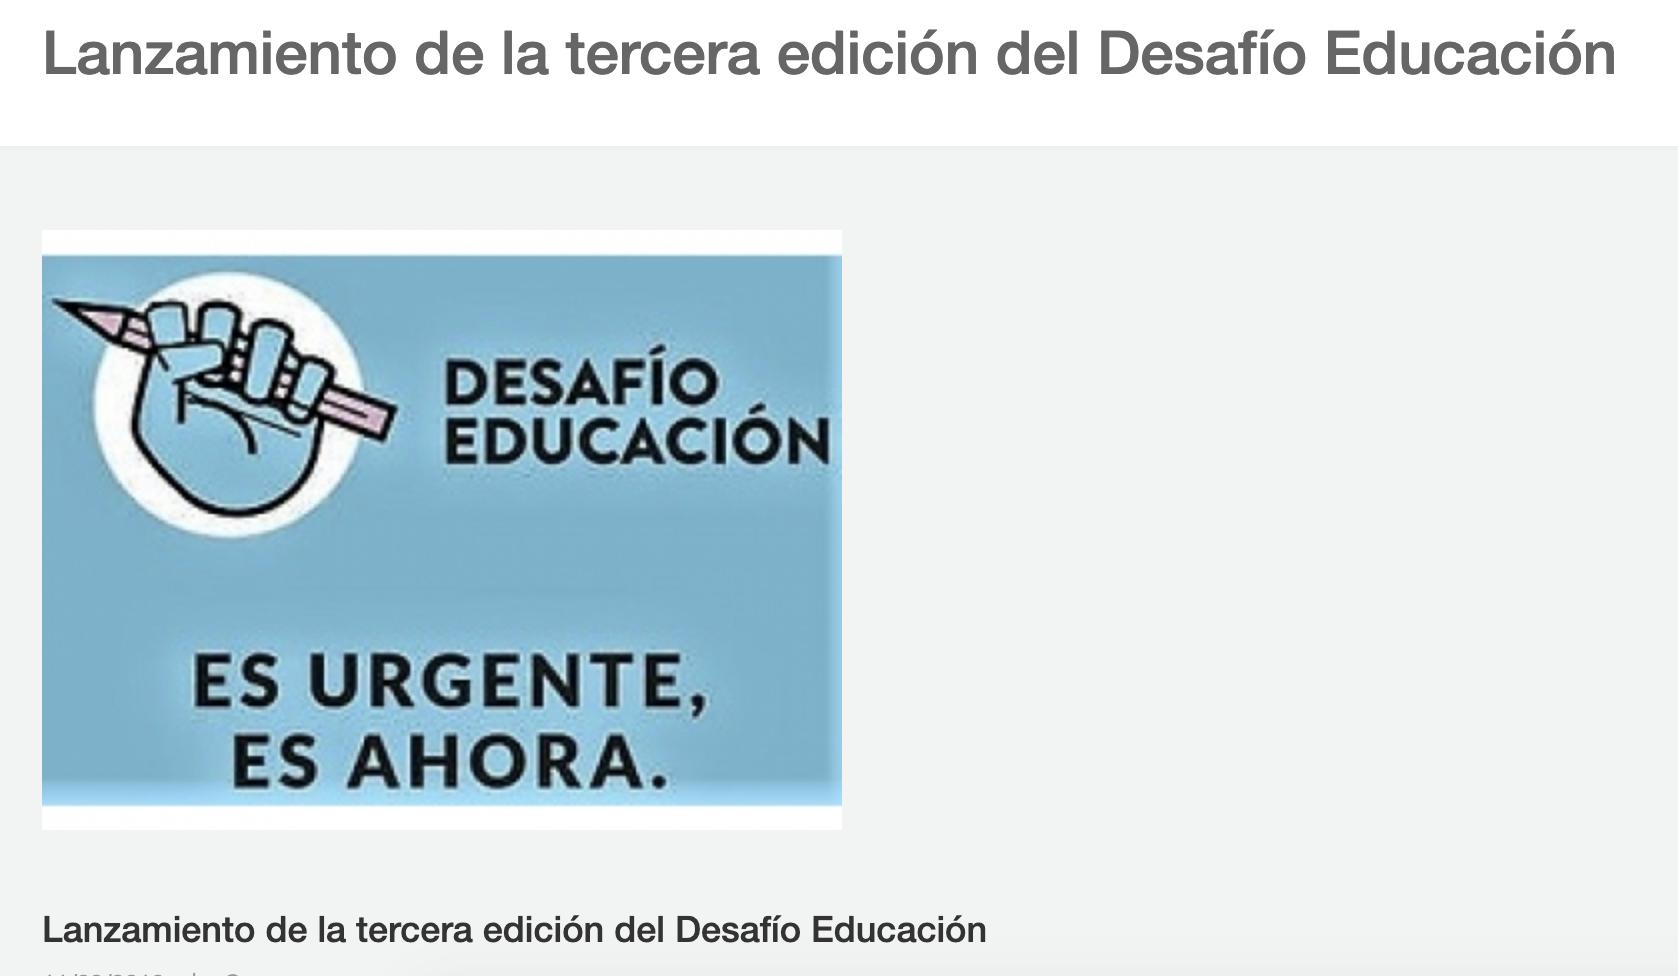 Lanzamiento de la tercera edición del Desafío Educación -